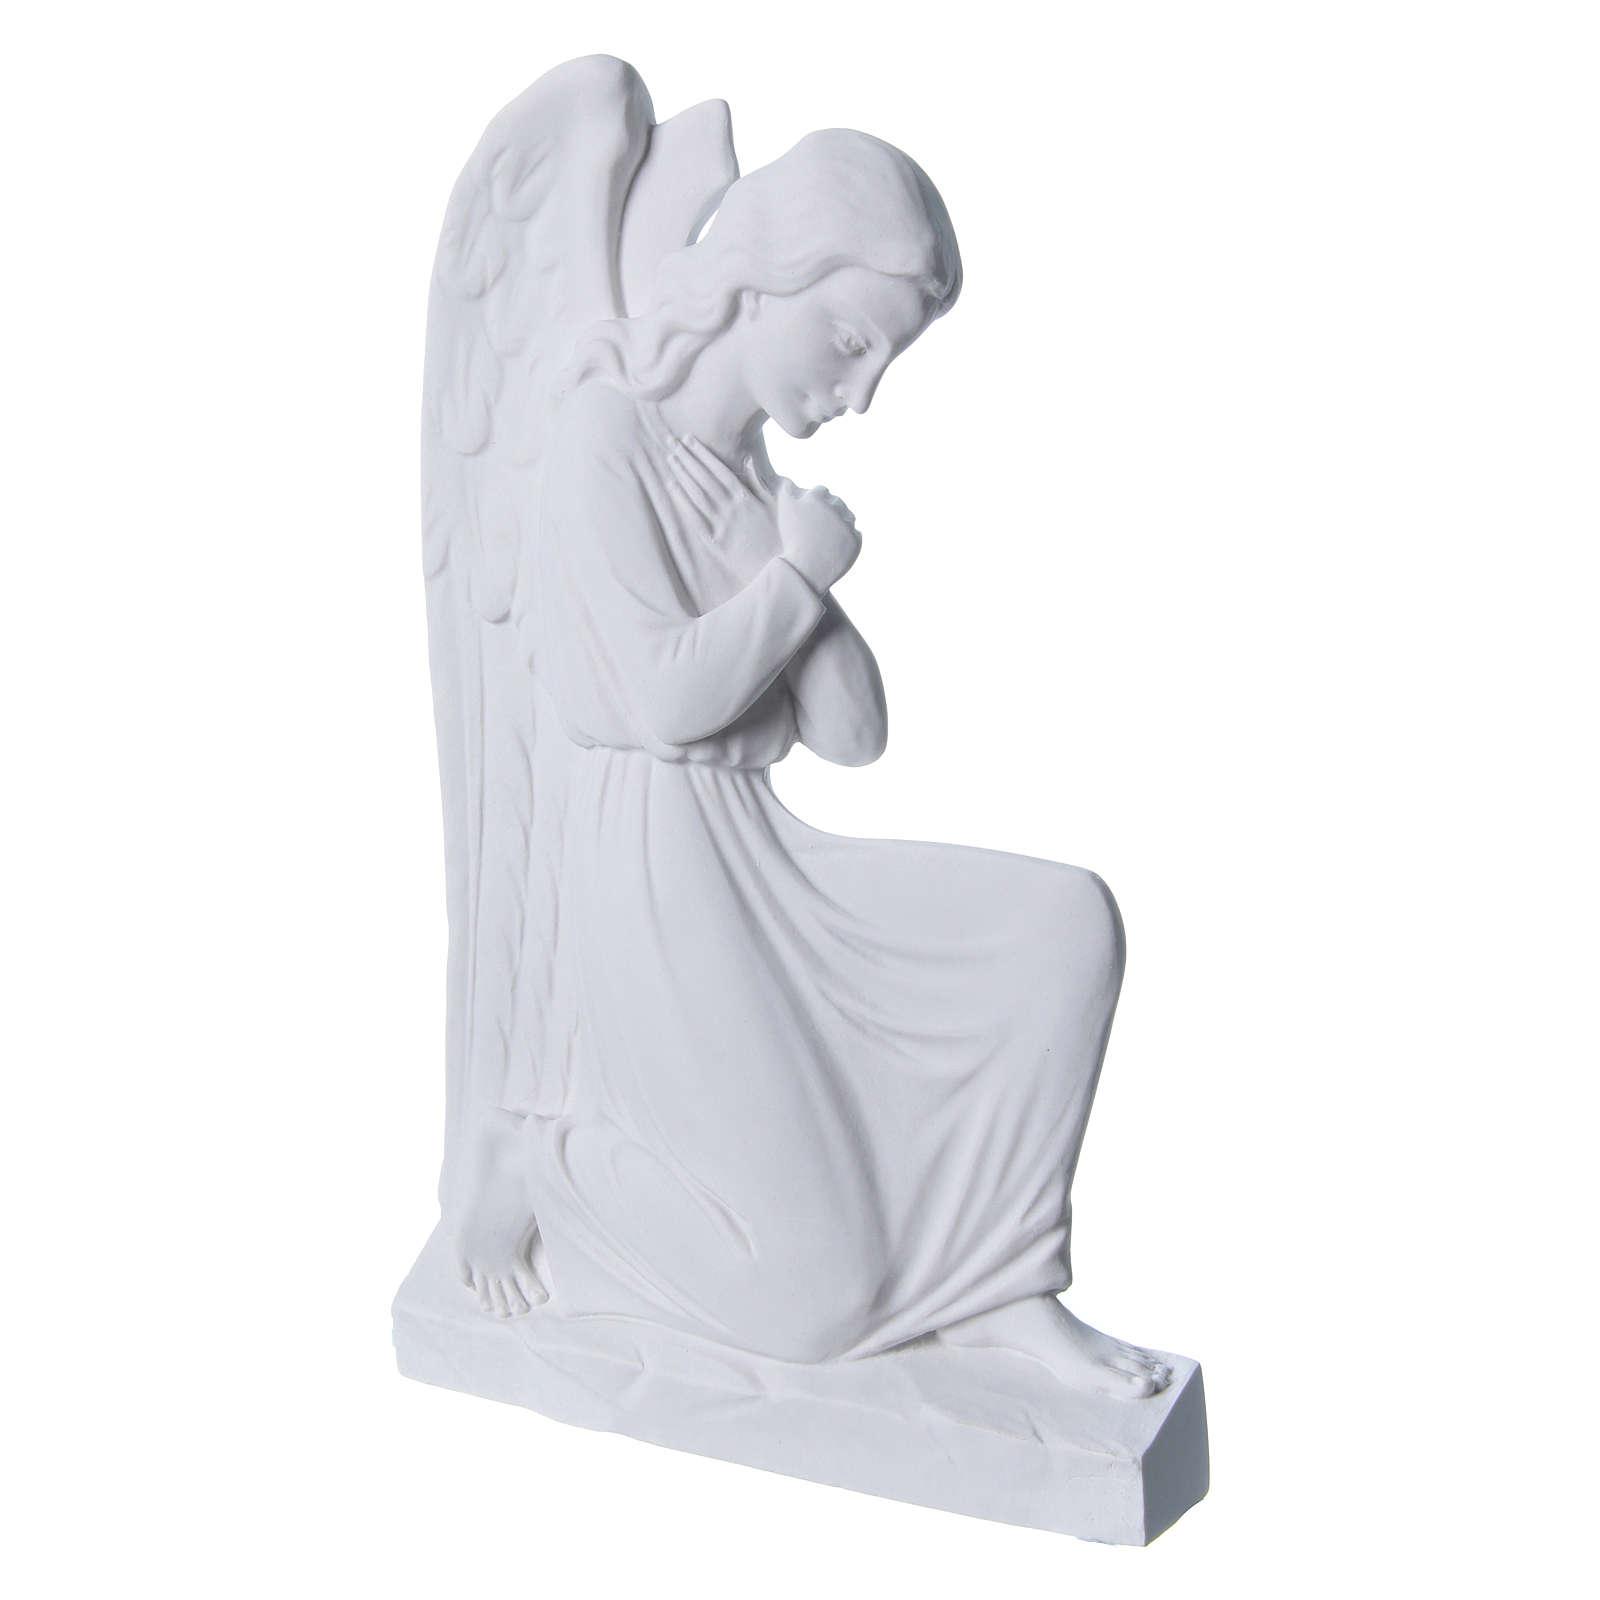 Anioł ramiona skrzyżowane relief 25 cm 3